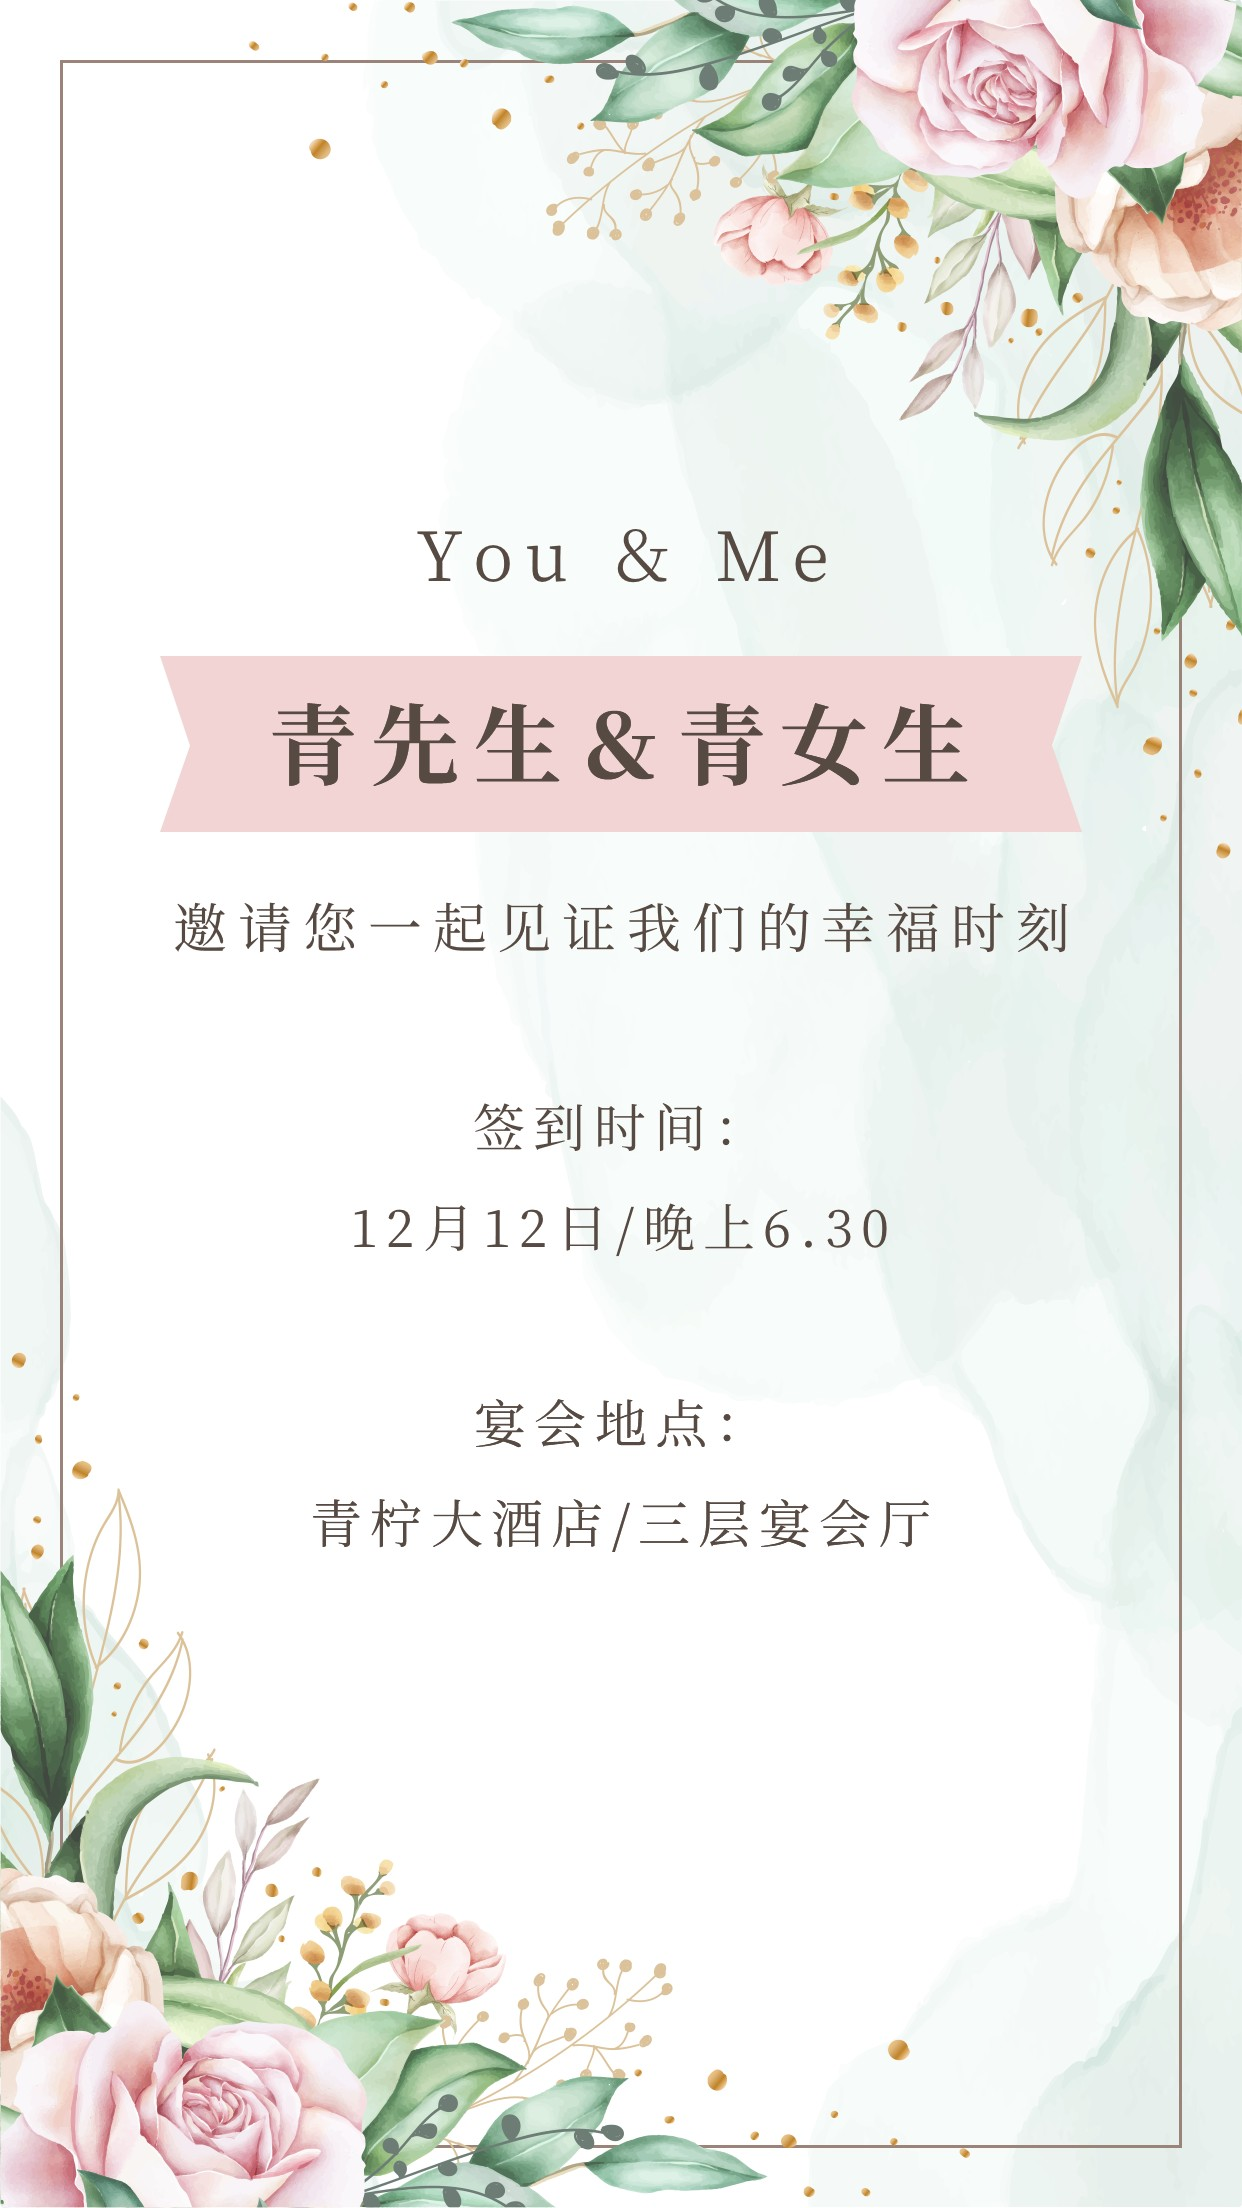 小清新婚庆服务婚庆邀请函